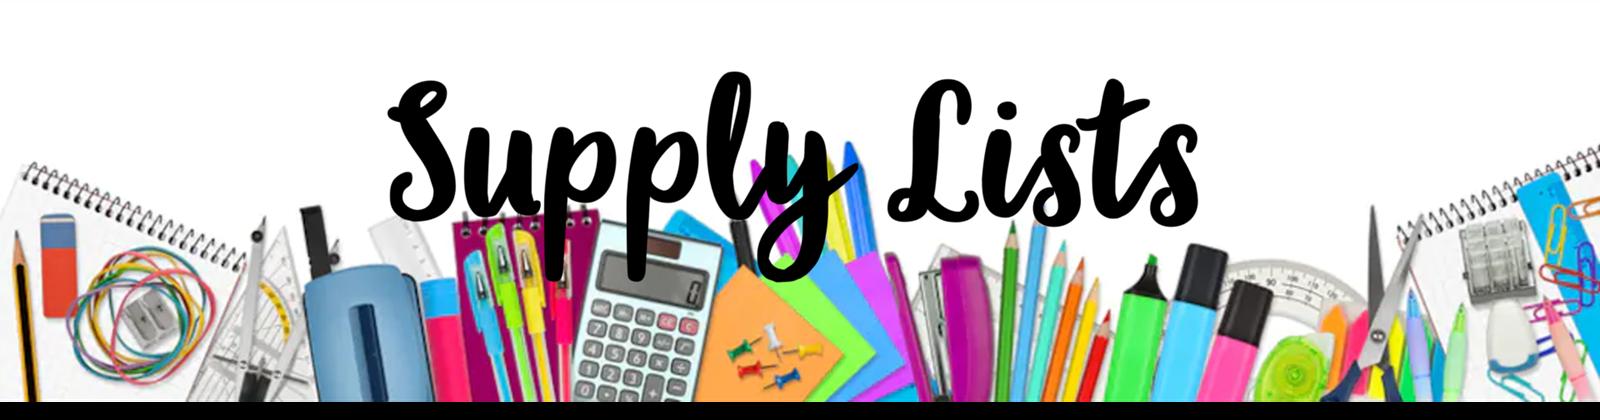 2021 supply list